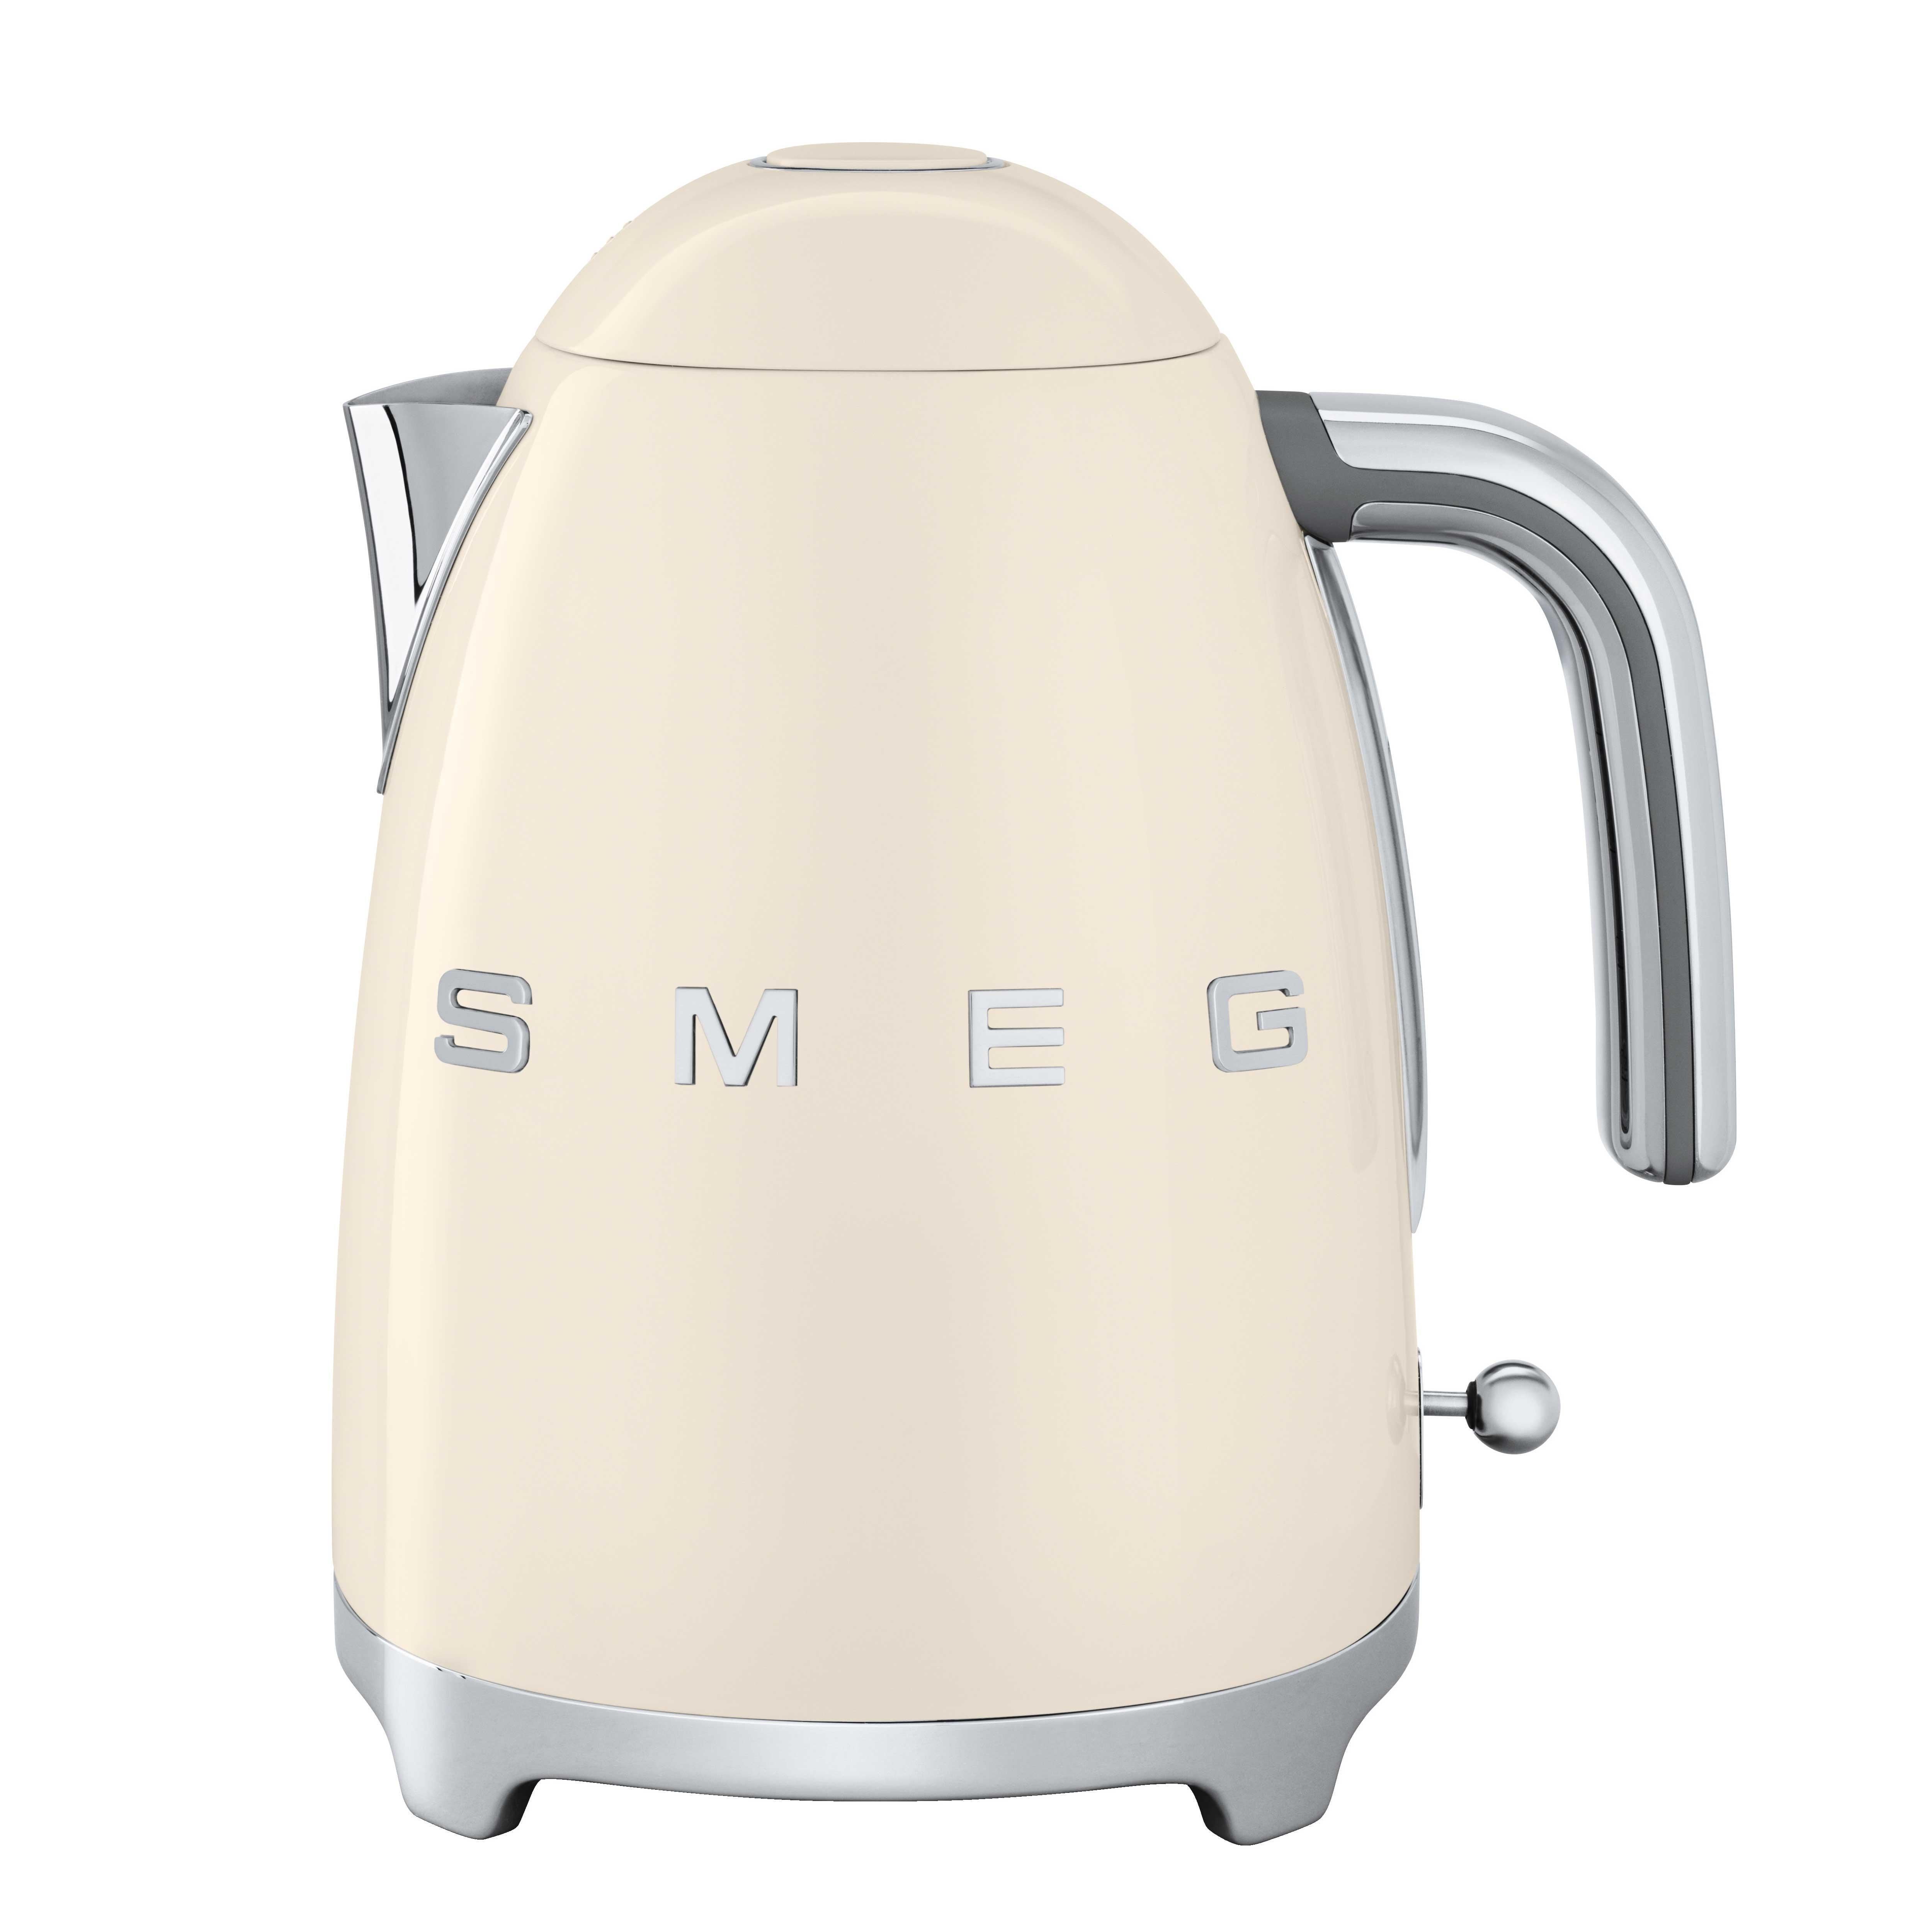 Smeg - KLF03 Wasserkocher 1 7L - creme/lackiert/BxHxT 22 3x24 8x17 1cm/integriertes Heizelement/Soft-Opening   Küche und Esszimmer > Küchengeräte   Smeg